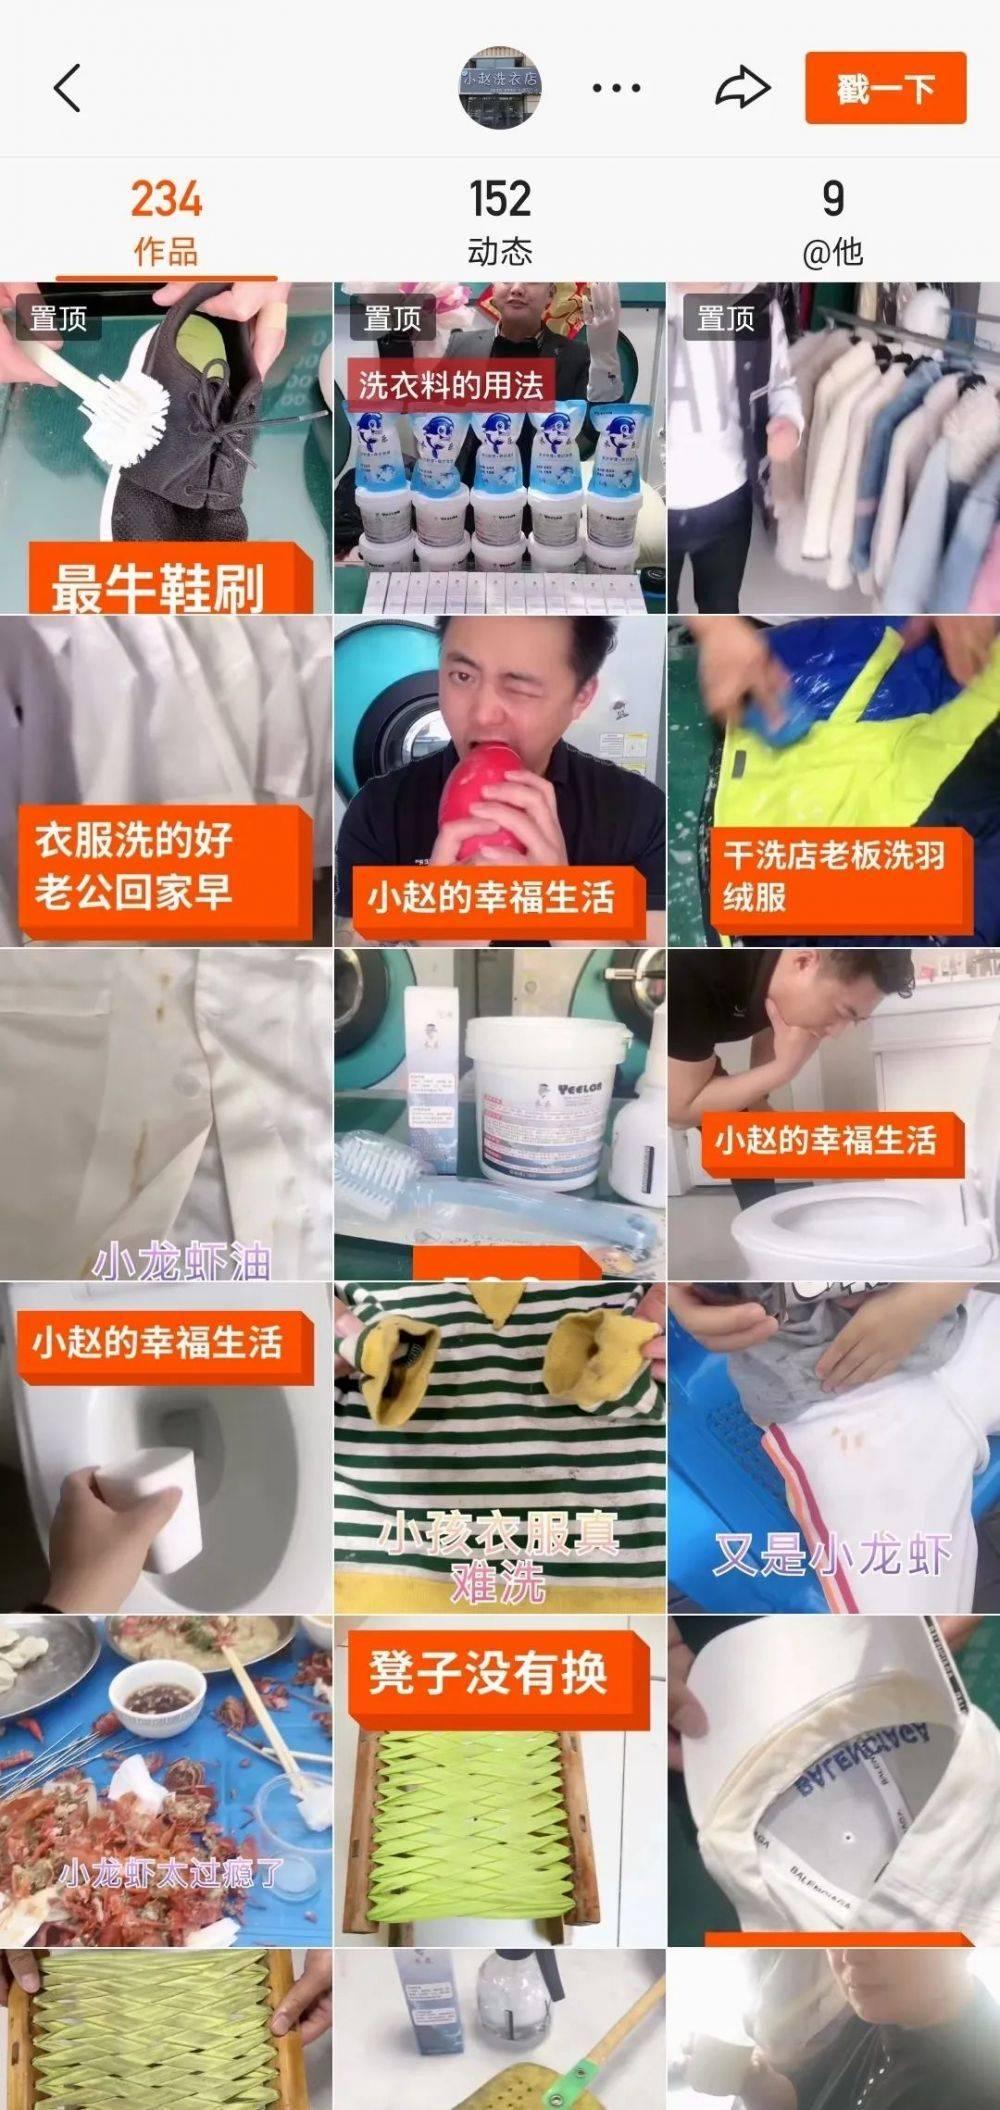 临沂,快手上的一座商家生意城-第5张图片-周小辉<a href='https://www.zhouxiaohui.cn/duanshipin/'>短视频</a>培训博客